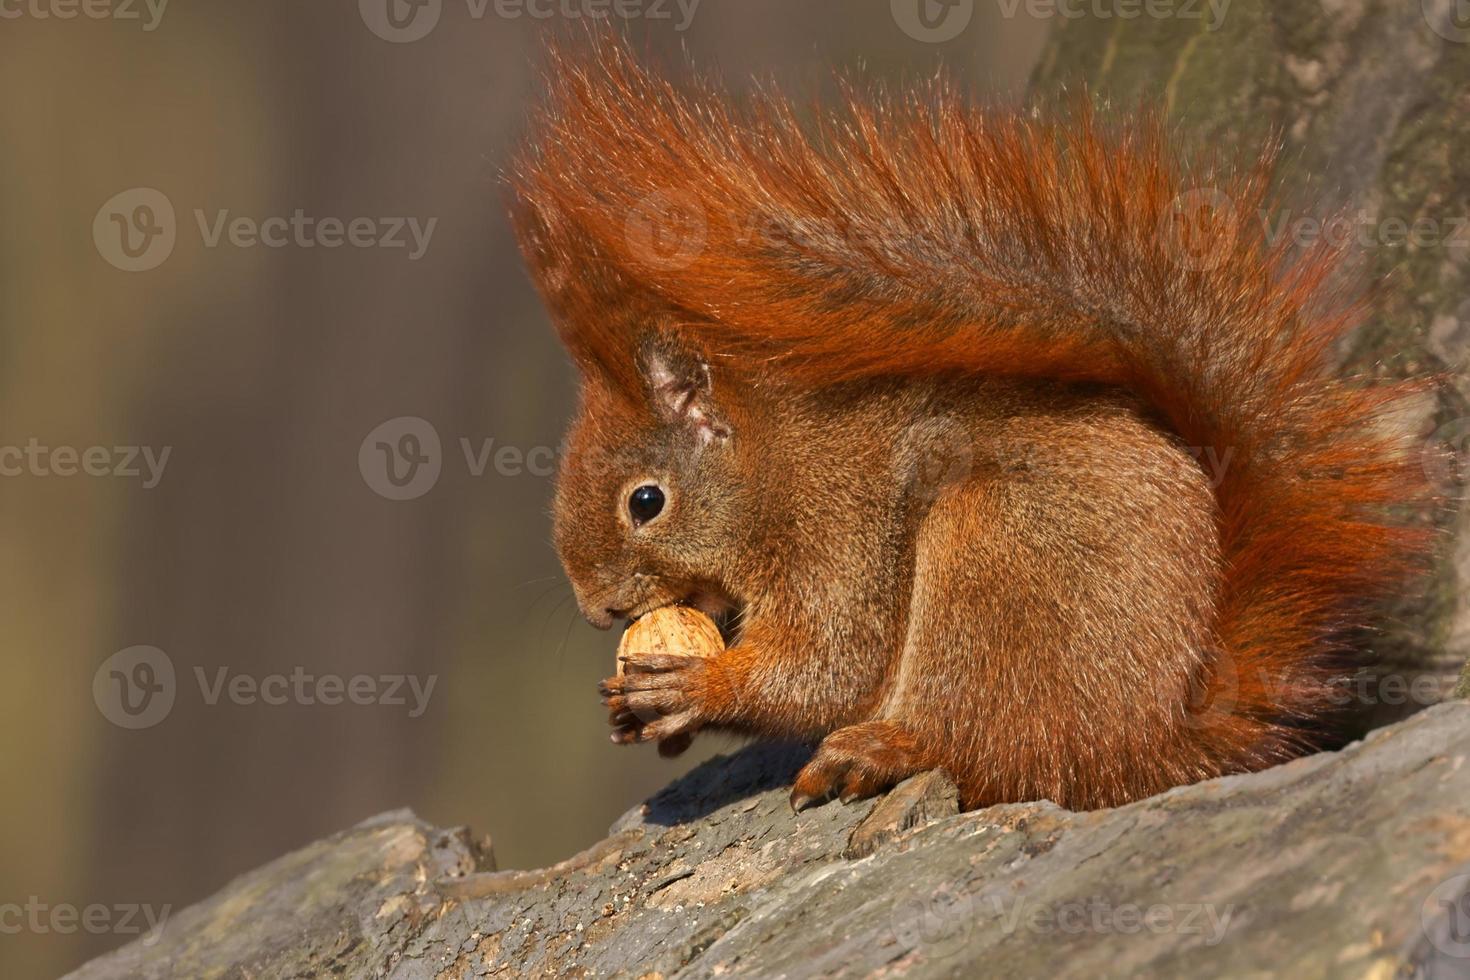 Rotes Eichhörnchen (Sciurus vulgaris) isst Walnüsse foto